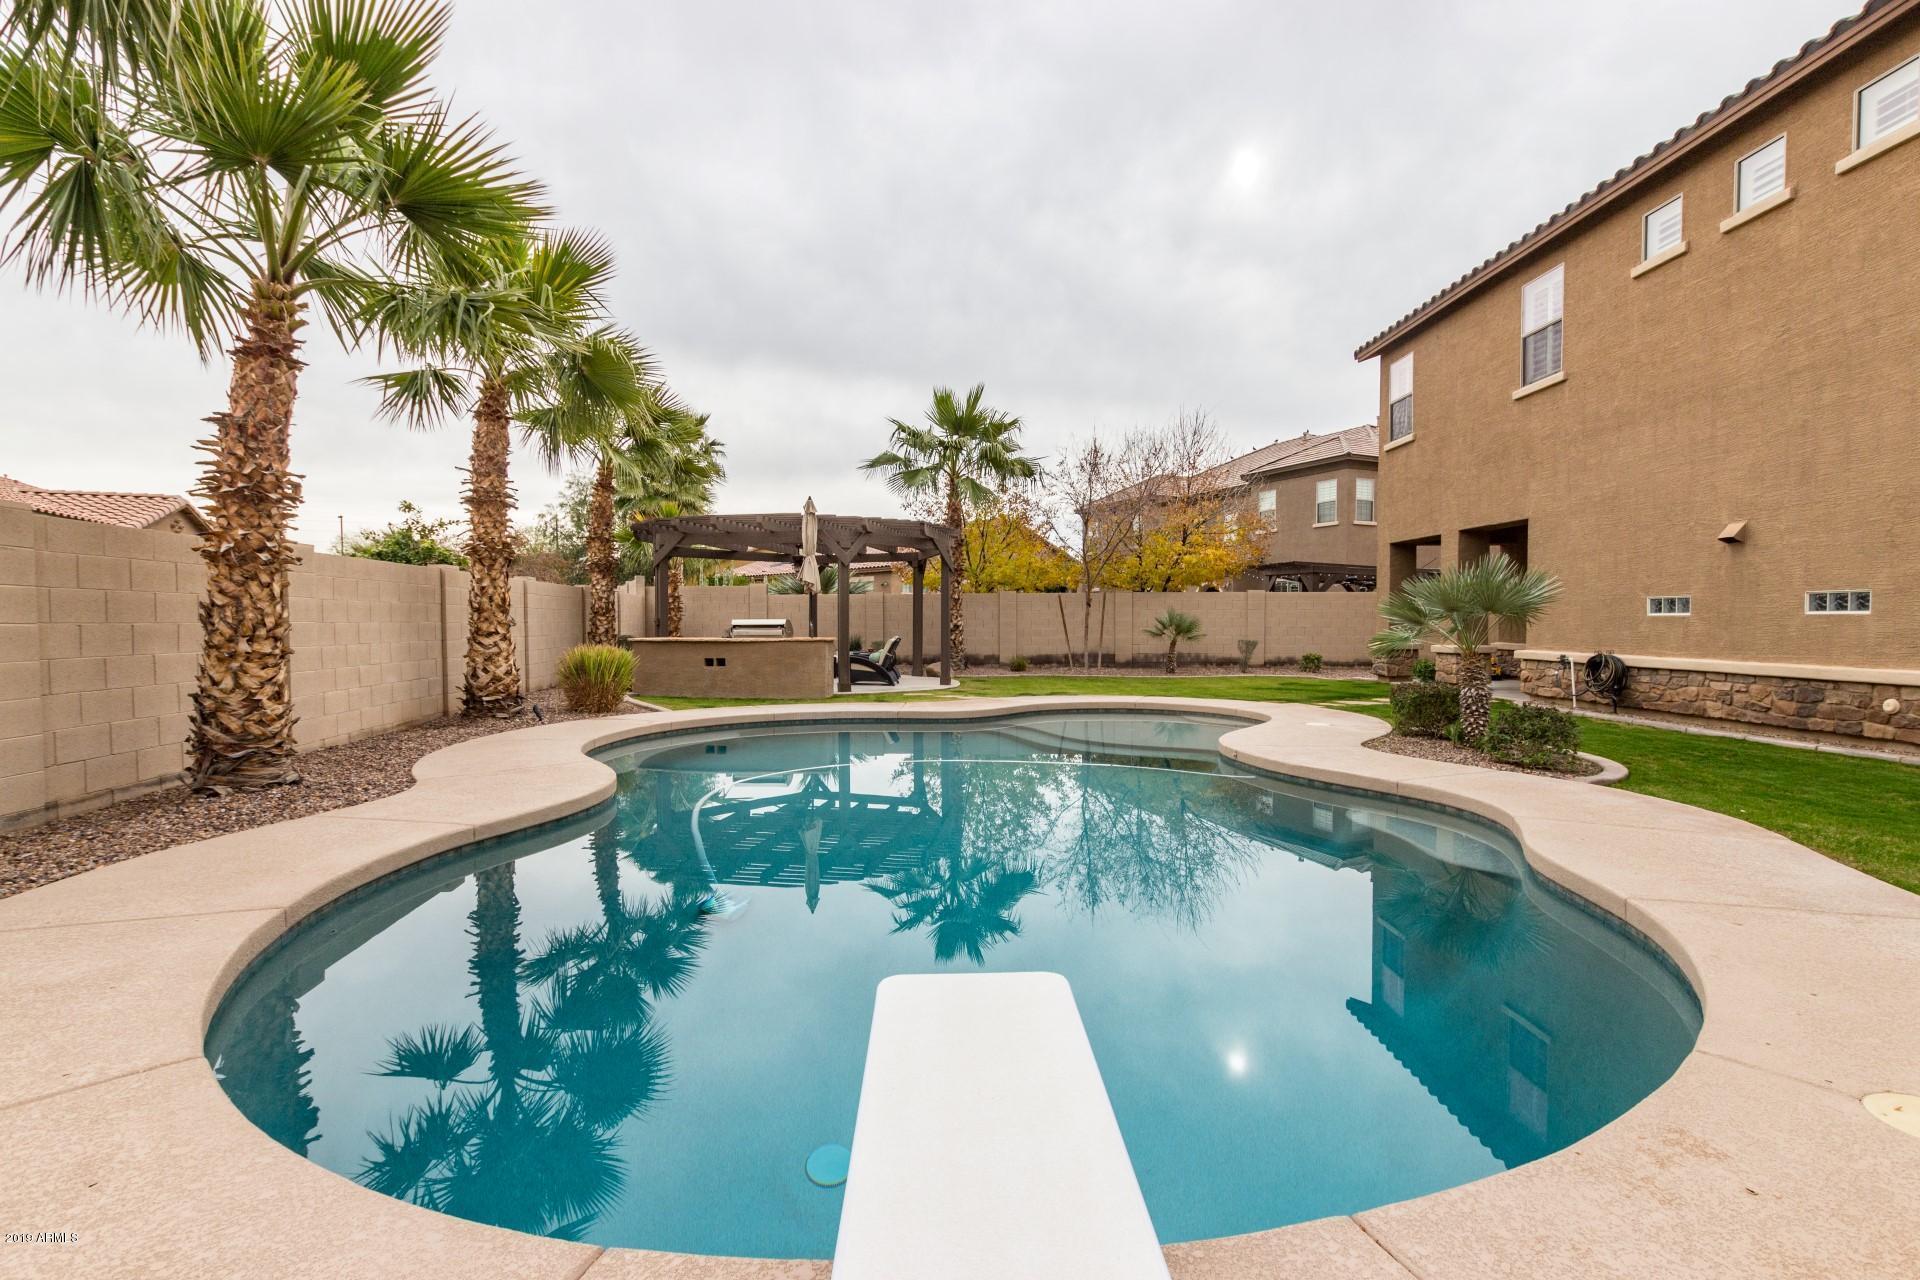 MLS 5869612 3090 E CASTANETS Drive, Gilbert, AZ 85298 Gilbert AZ Seville